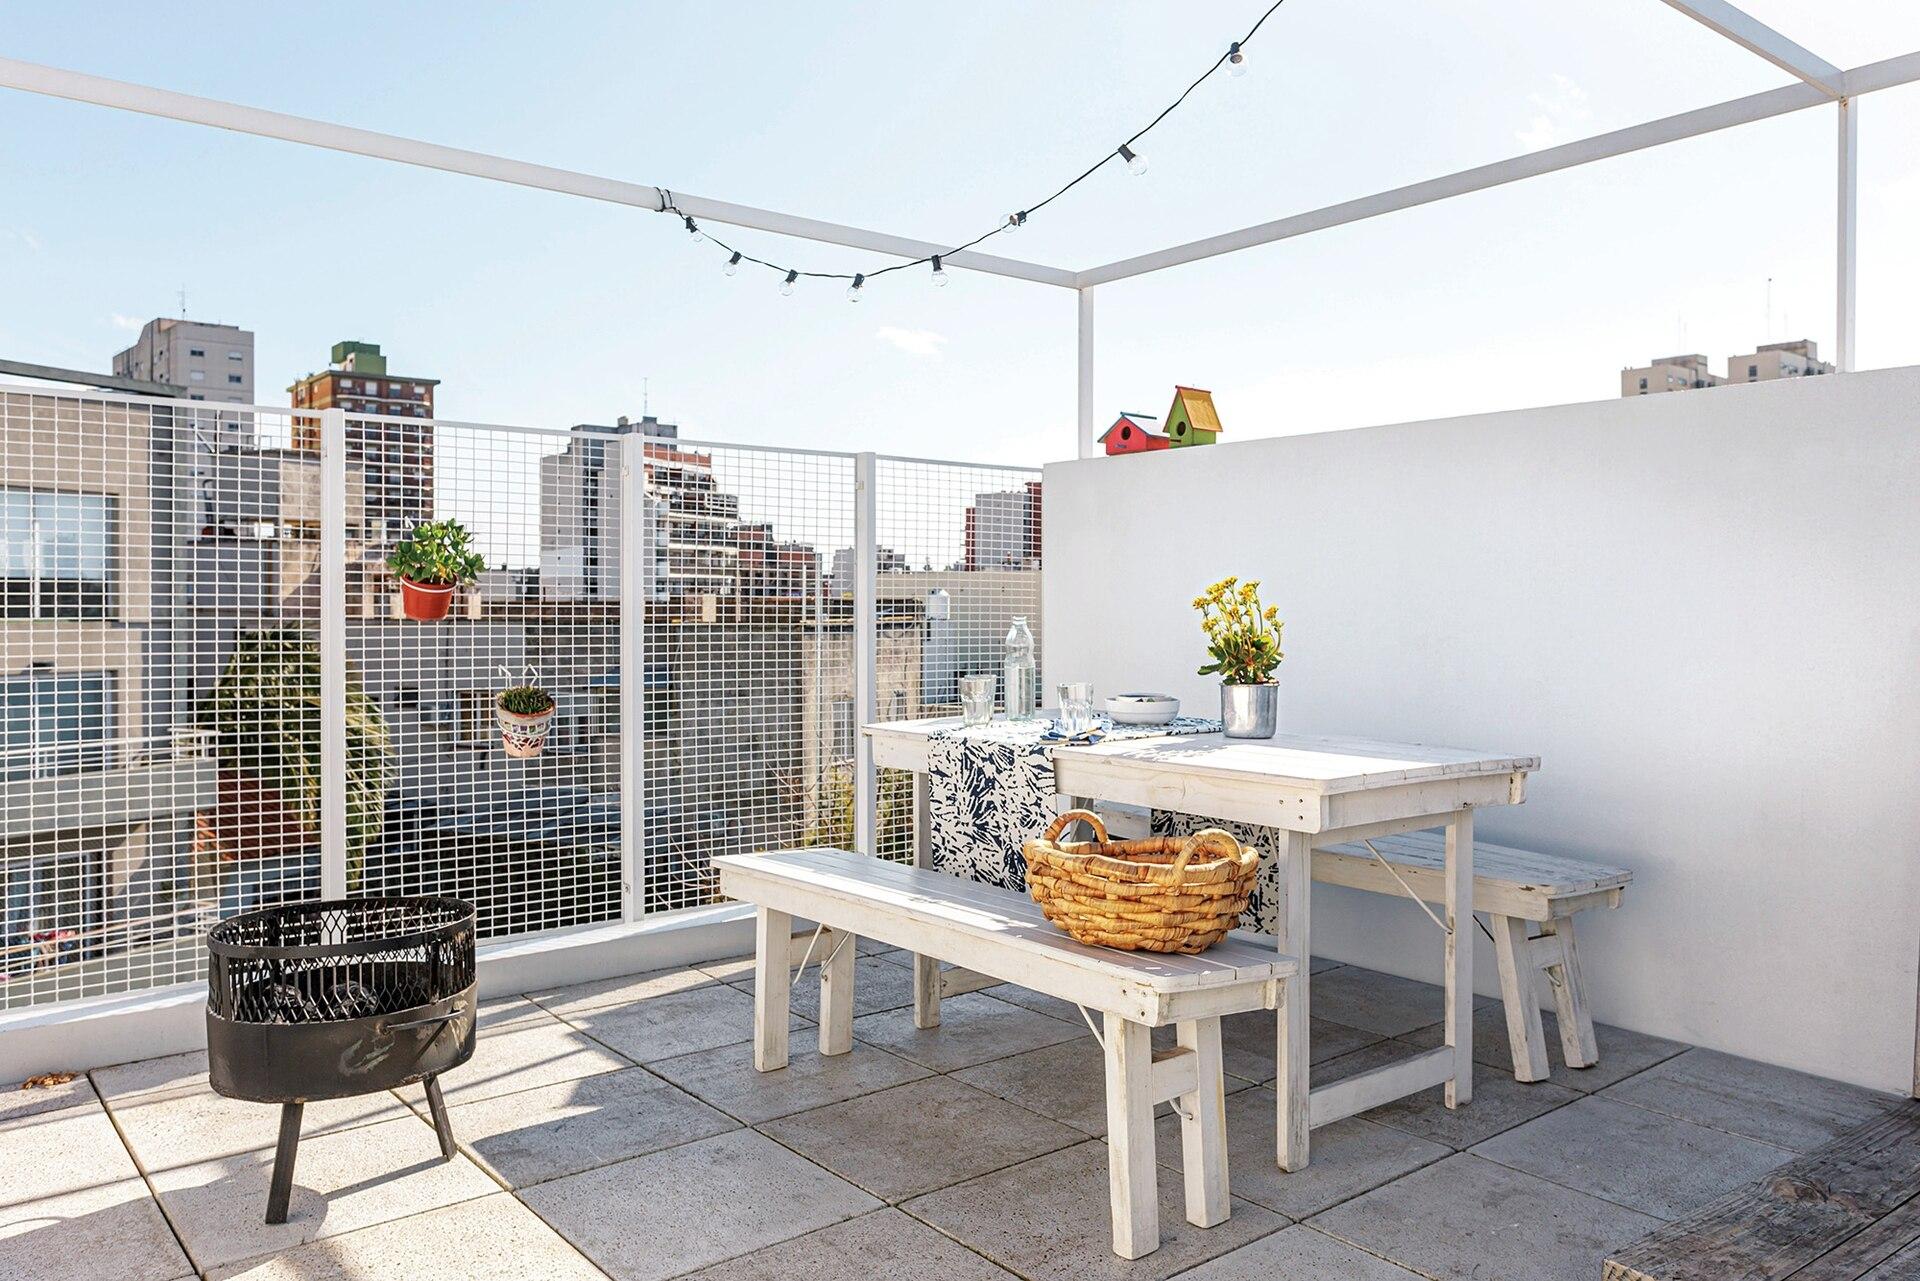 En la terraza, juego de mesa y bancos plegables. Cesto de fibras naturales (Claudia Adorno). Mantel estampado (Petite Margot).